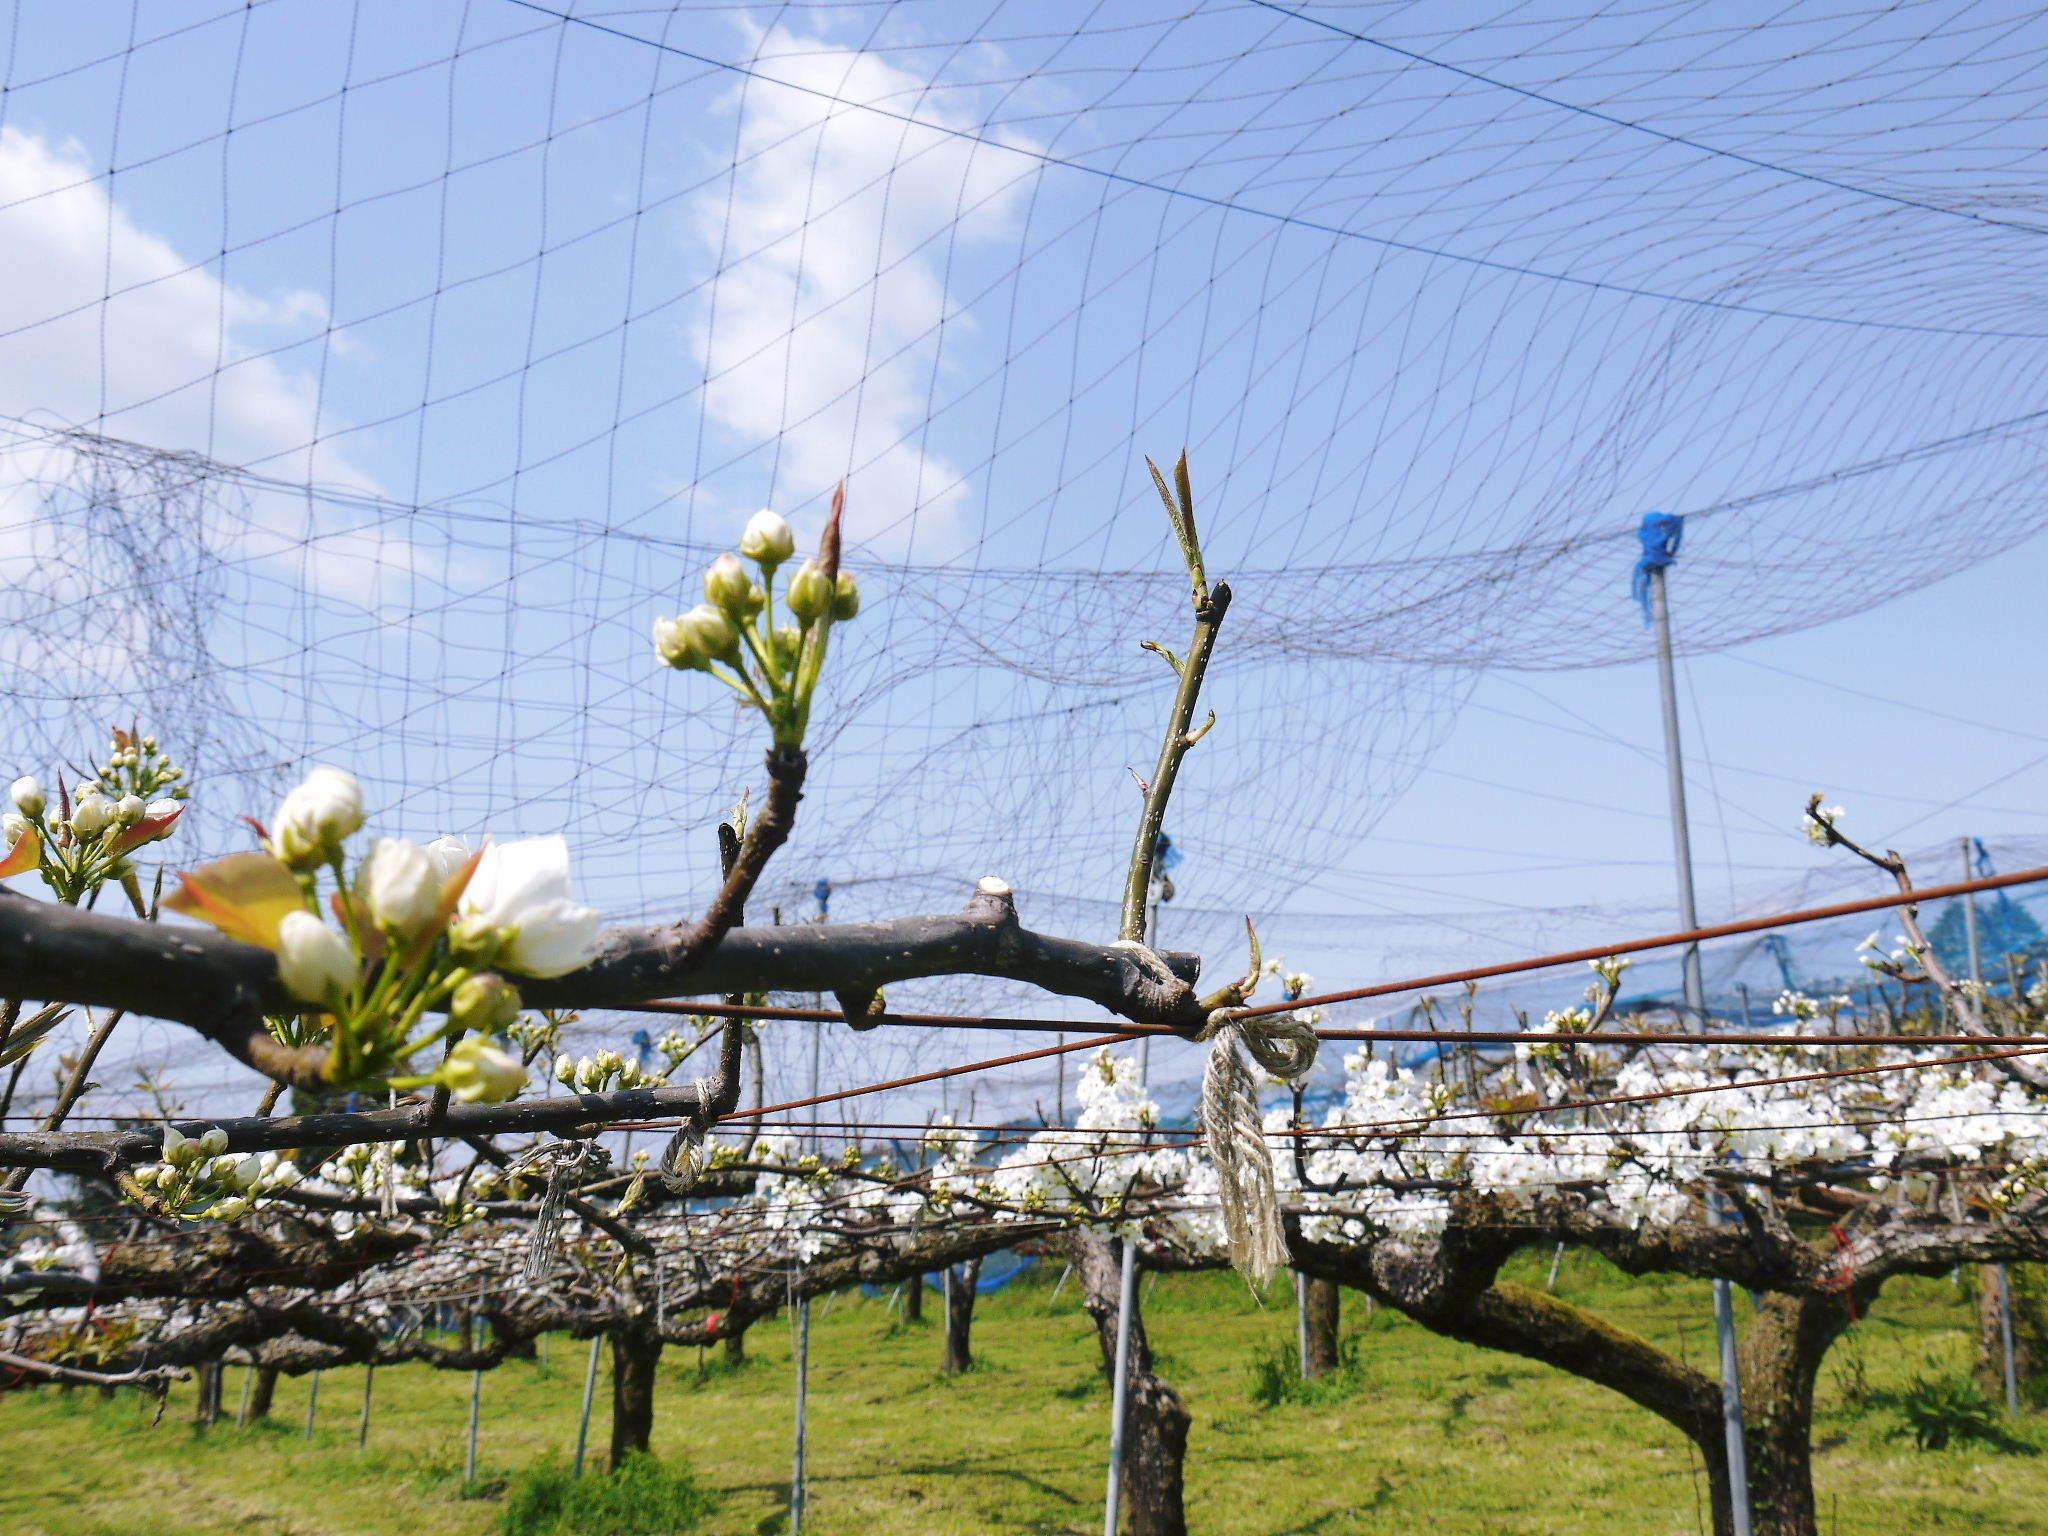 熊本梨 岩永農園 気温の上昇と共に、まずは最後に収穫する新高の花が咲き誇っていました_a0254656_19044760.jpg